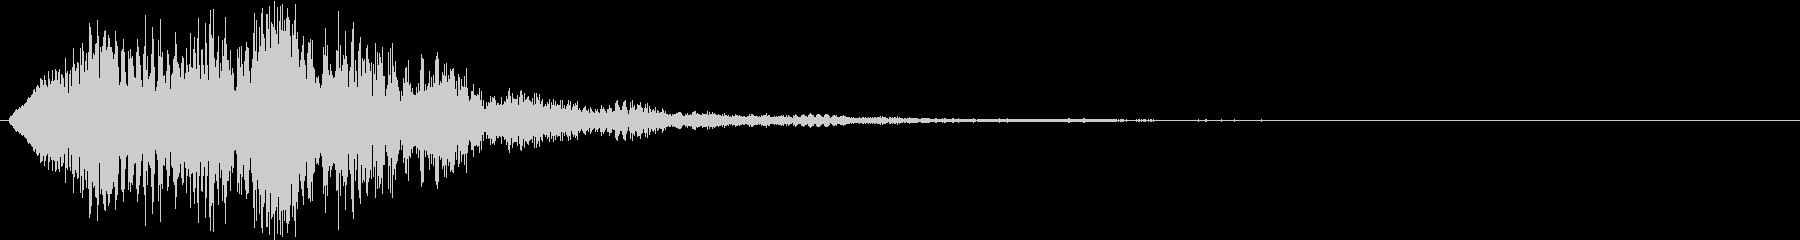 フィフィワーン(サウンドロゴ、決定)の未再生の波形